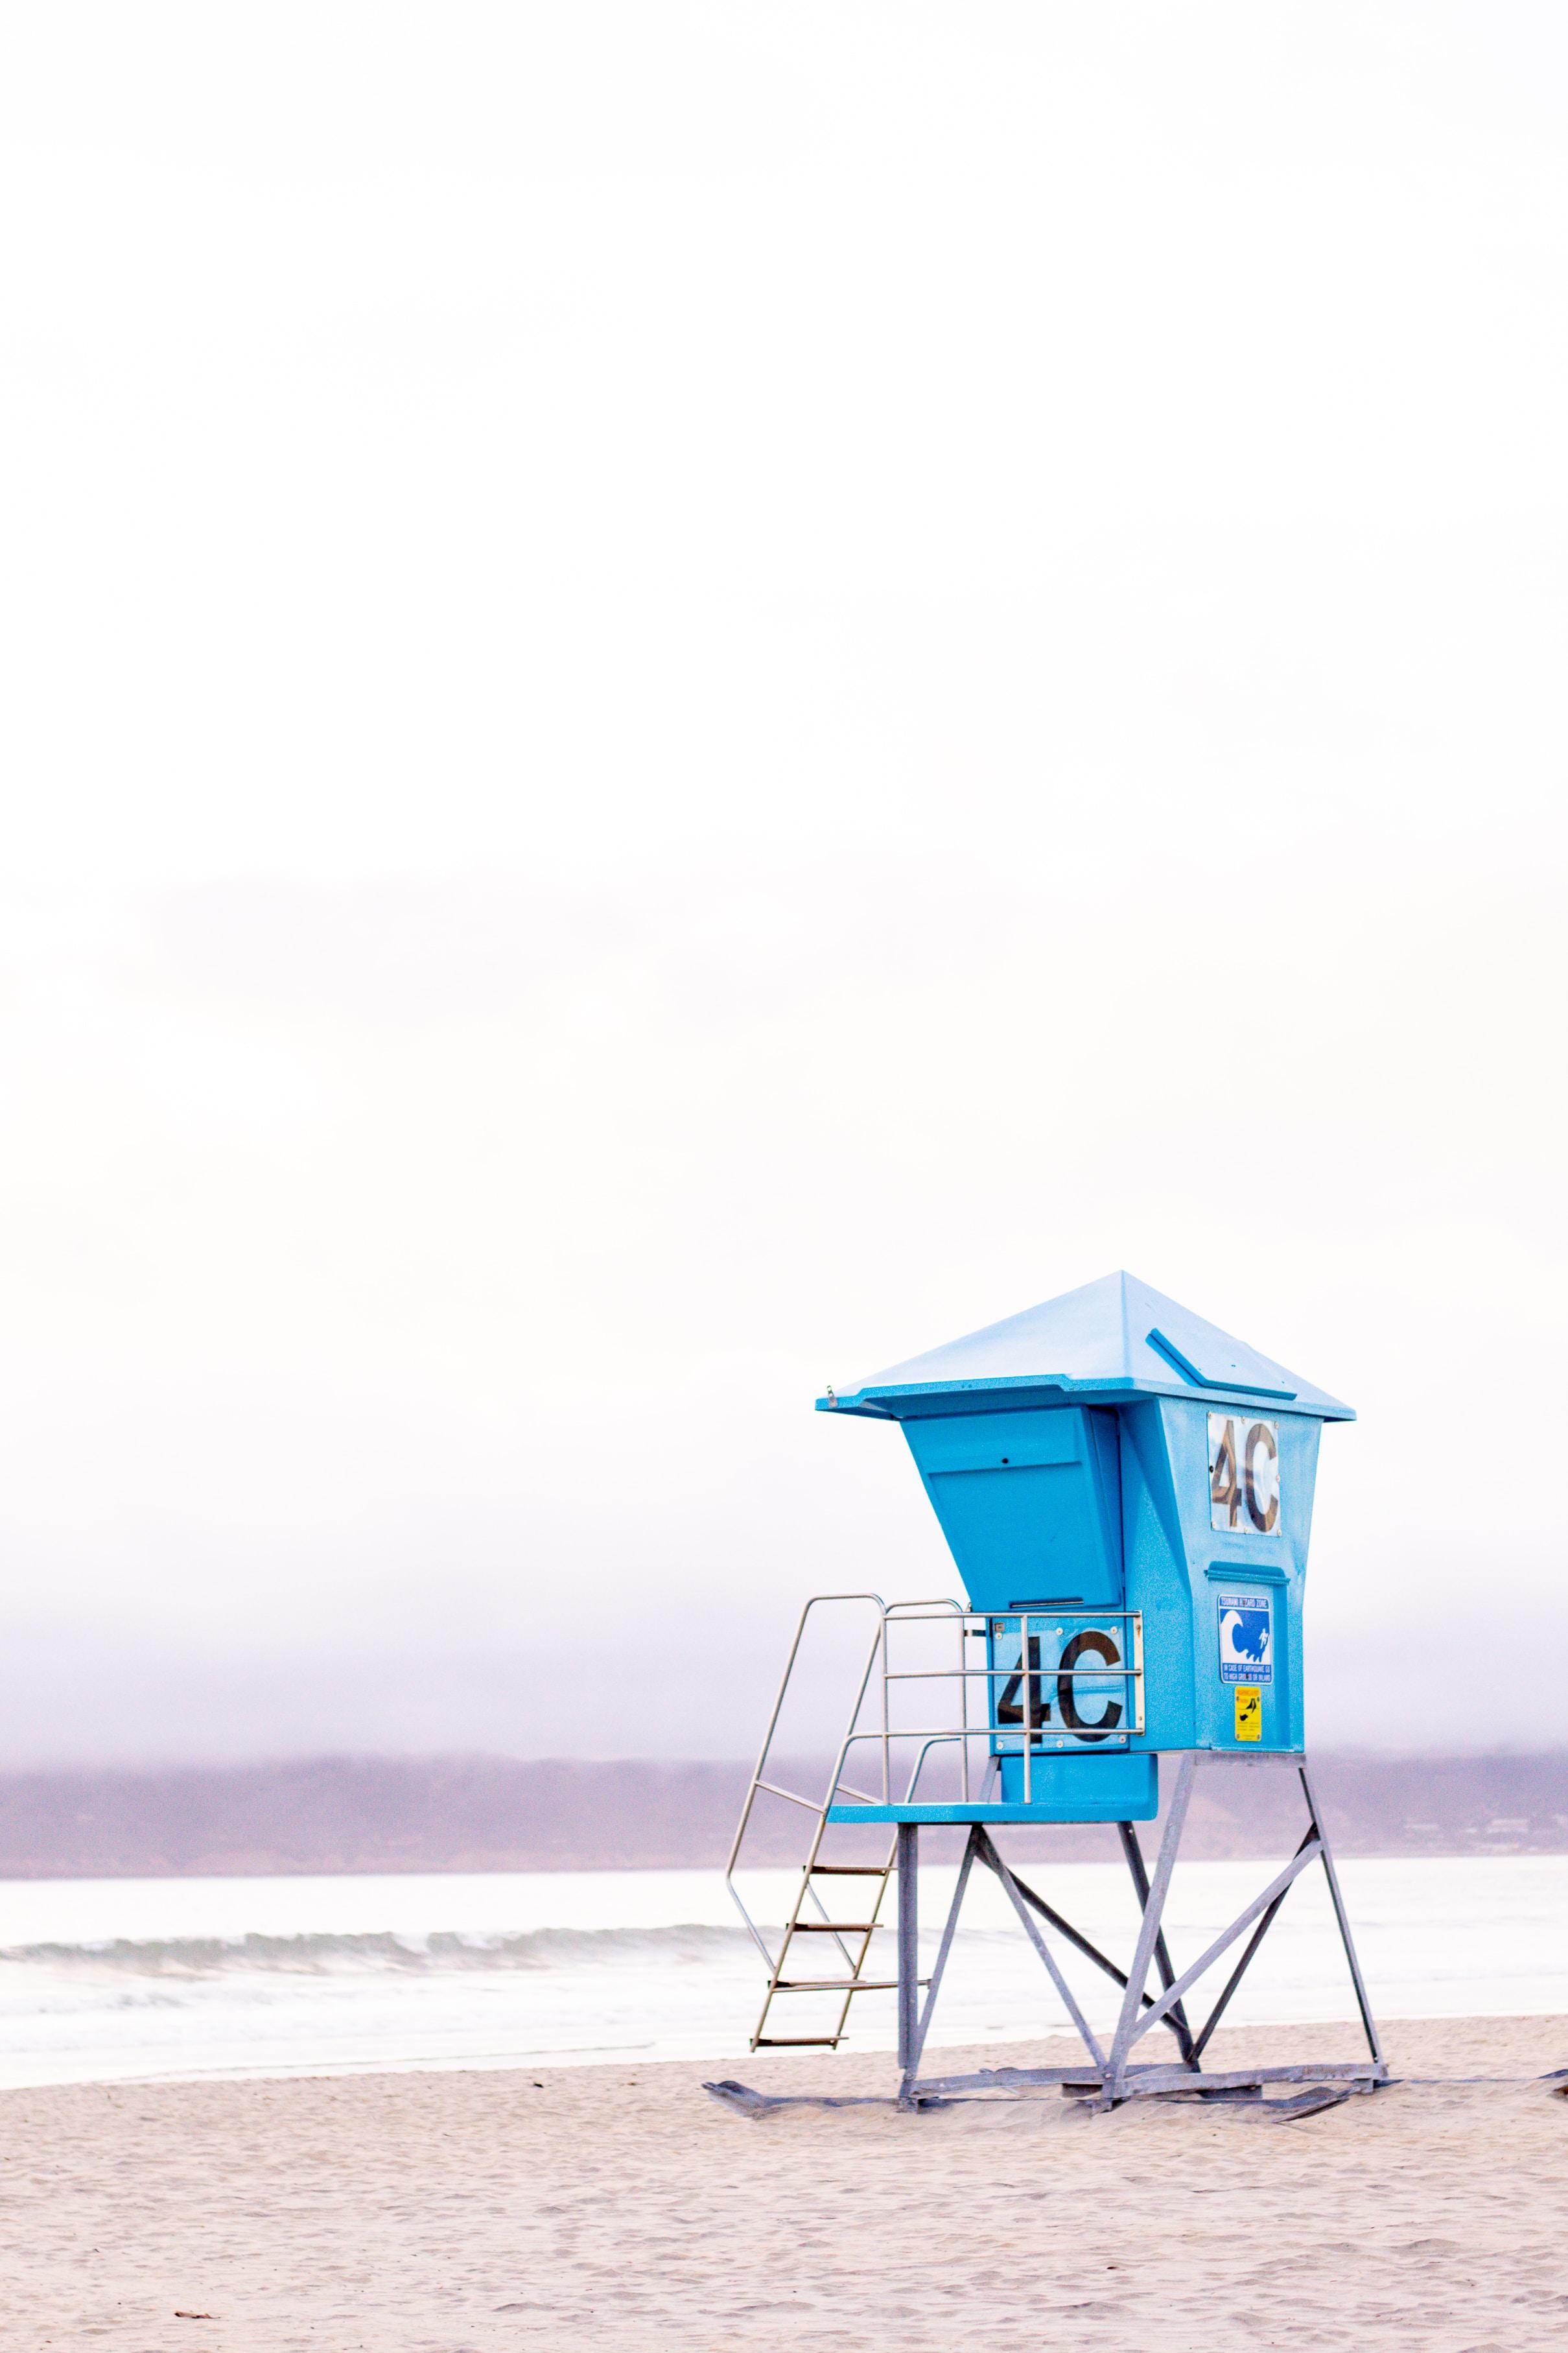 blue lifeguard house near seashore